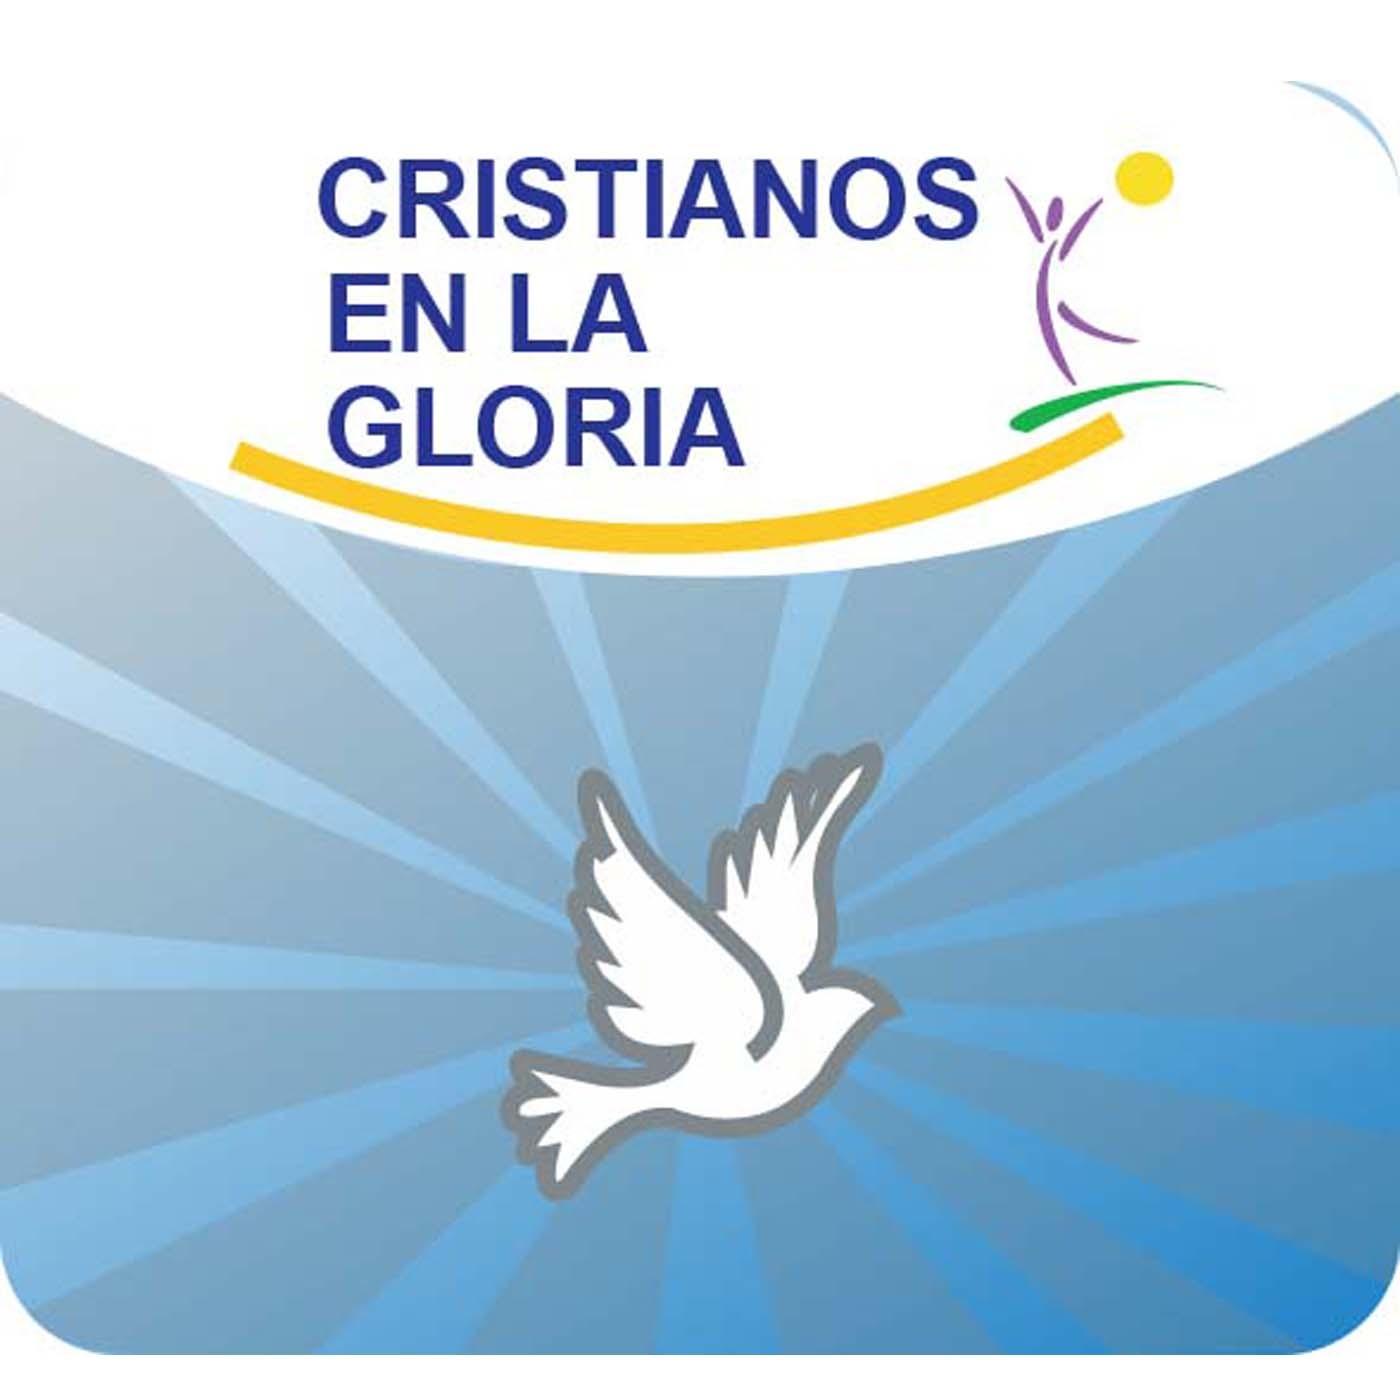 CRISTIANOS EN LA GLORIA